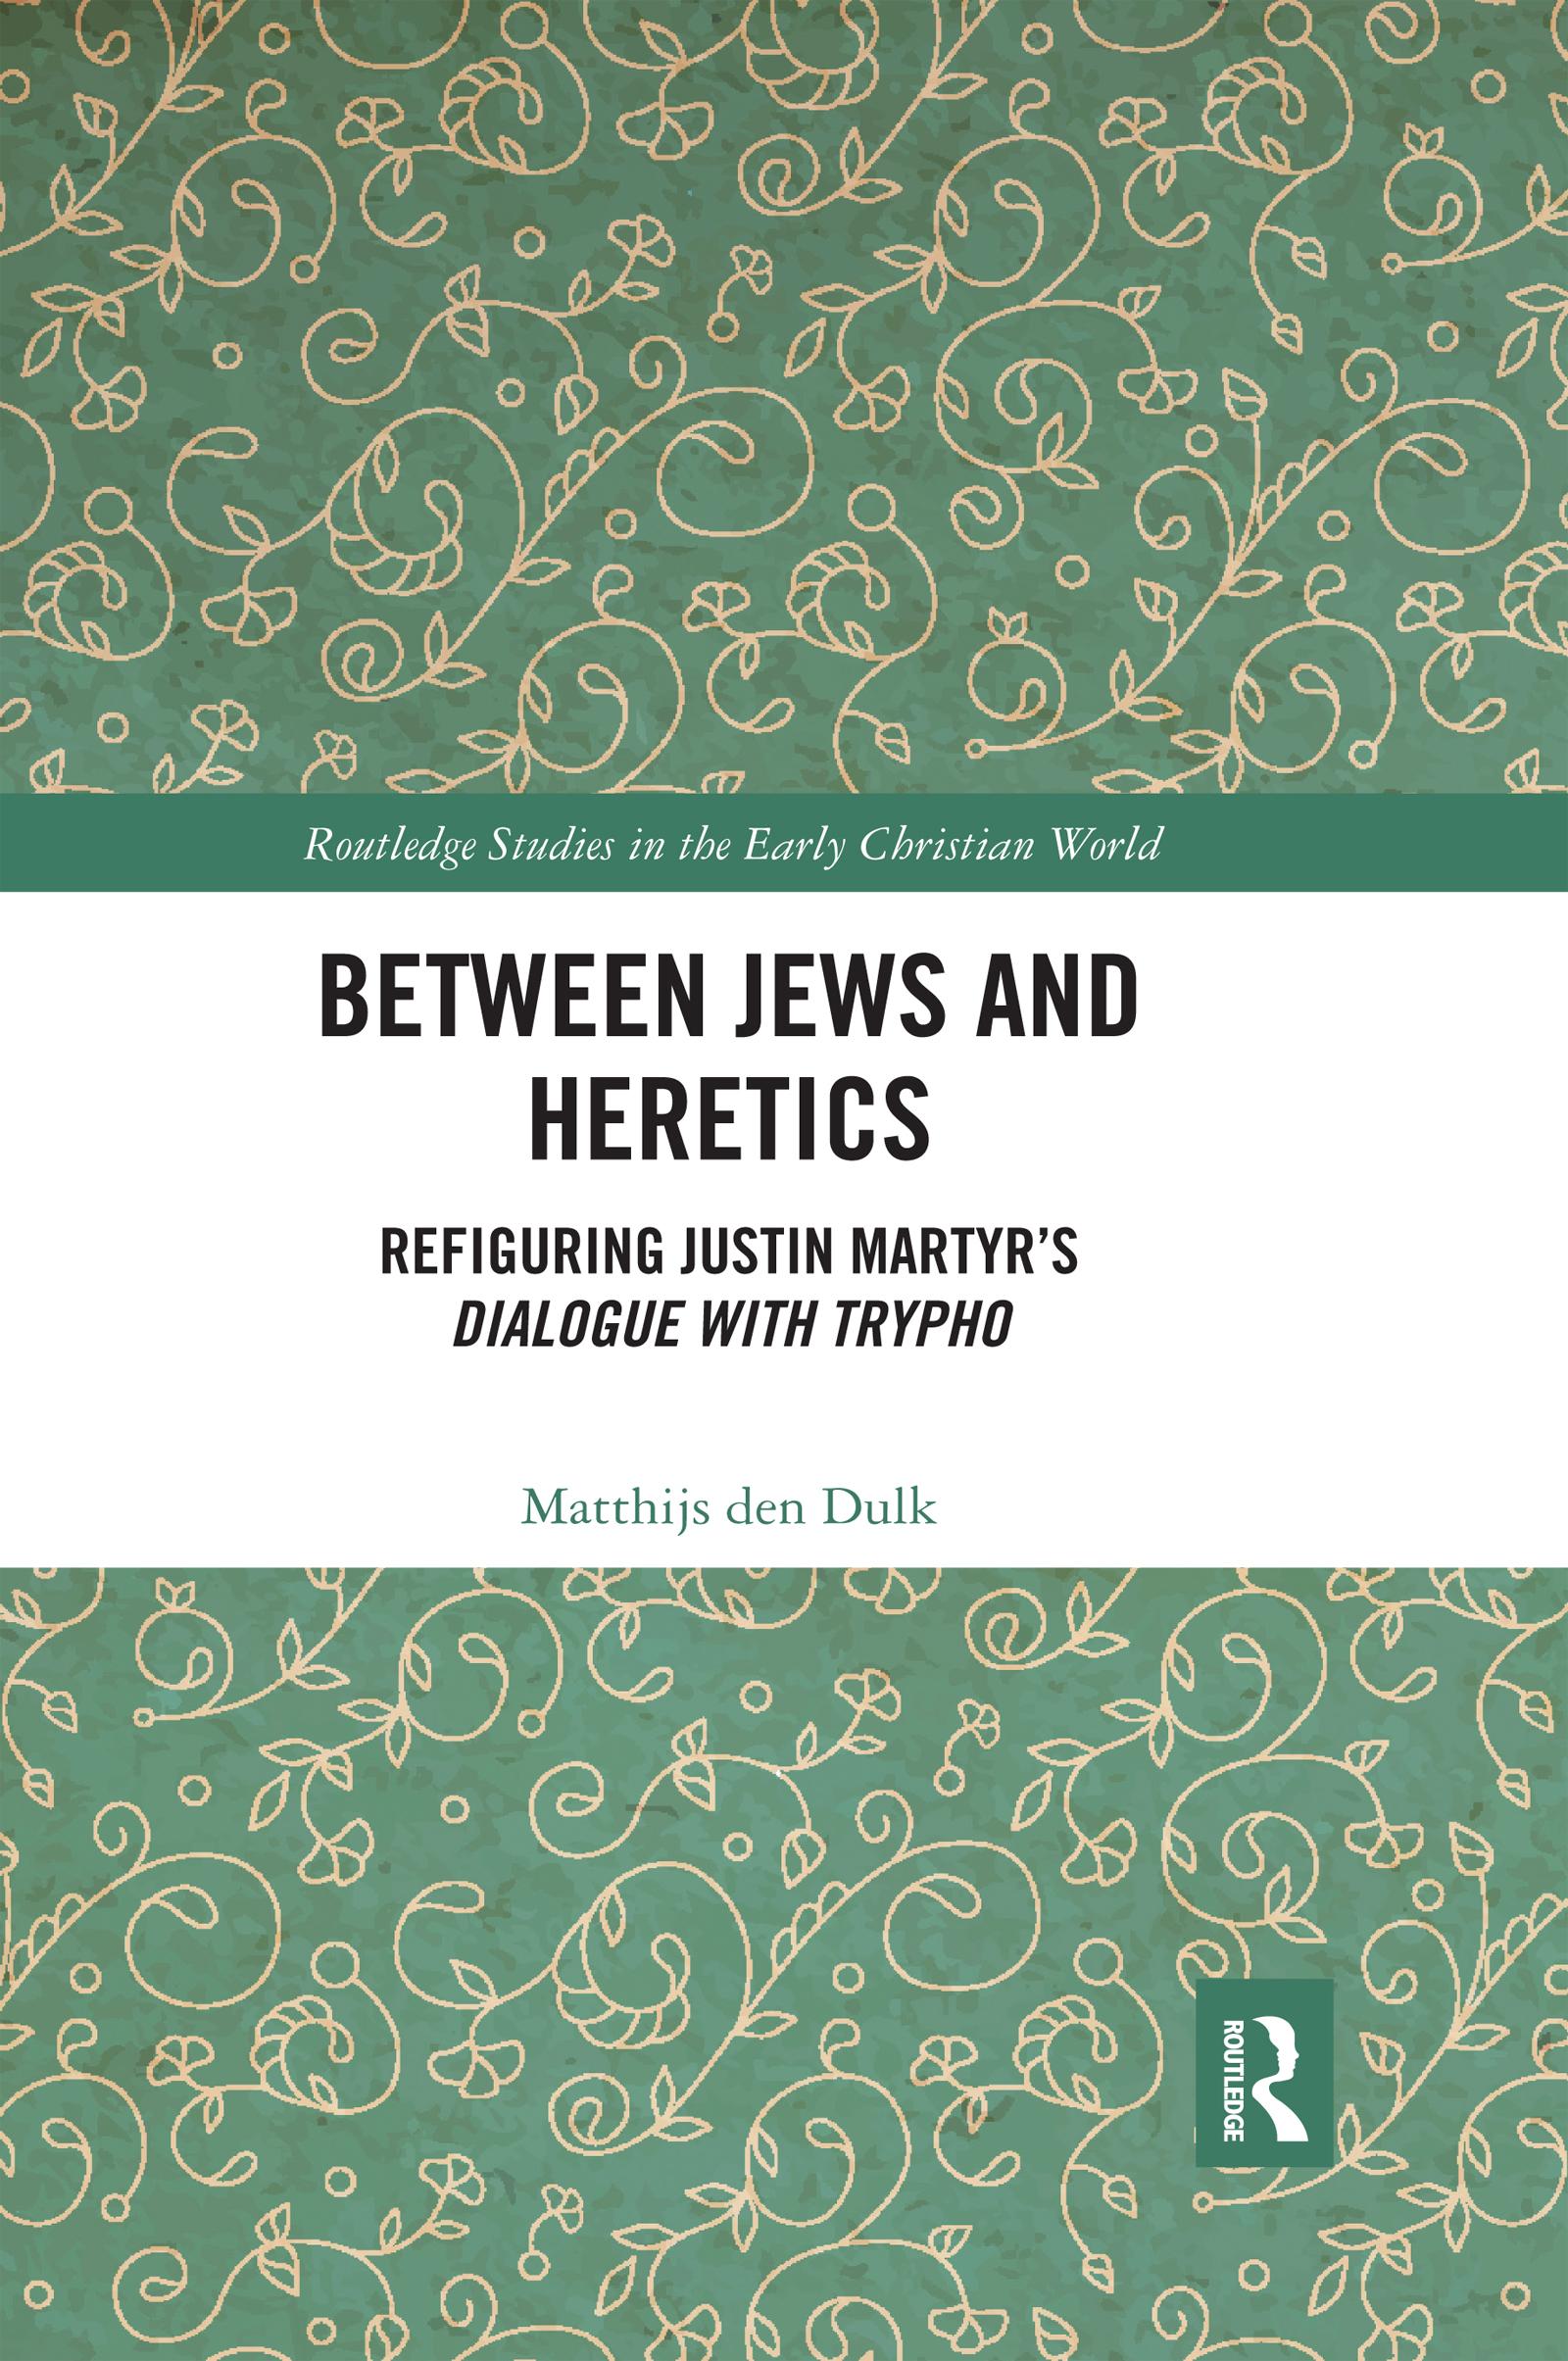 Between Jews and Heretics